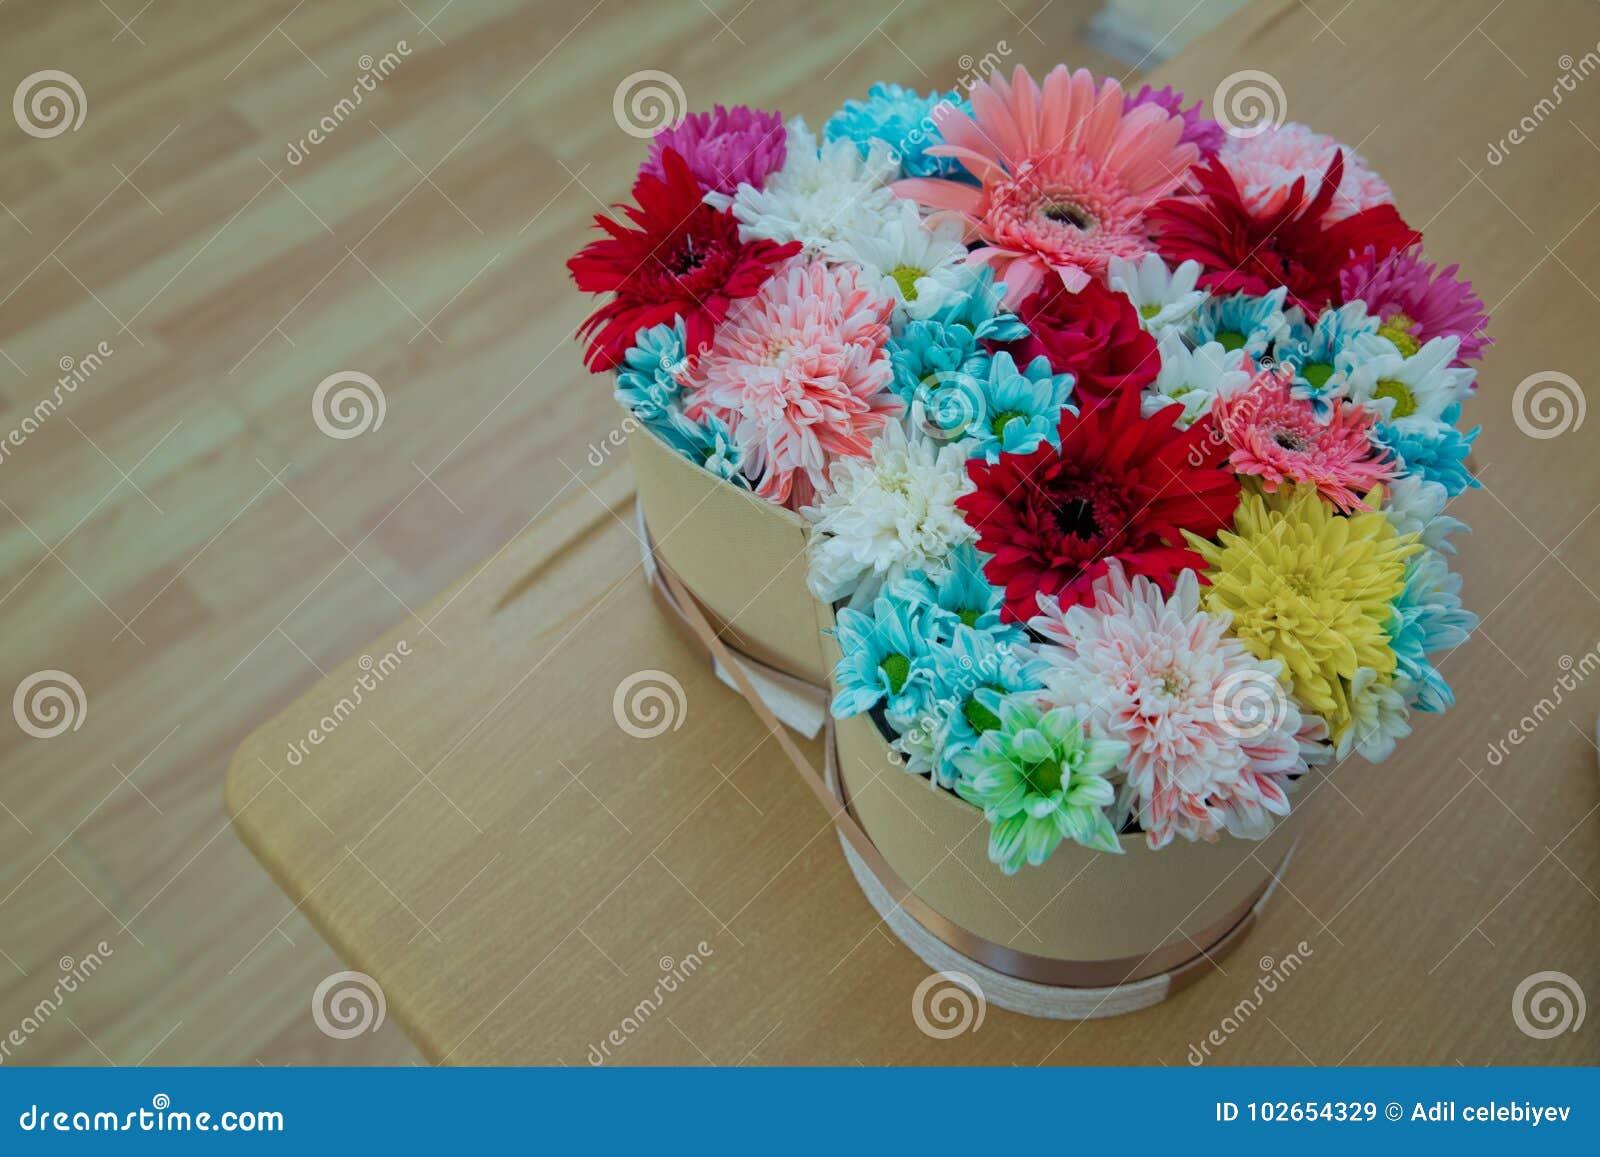 72490ff37831 Διαφορετικά λουλούδια σε πολλά φωτεινά χρώματα σε μια μικτή ανθοδέσμη